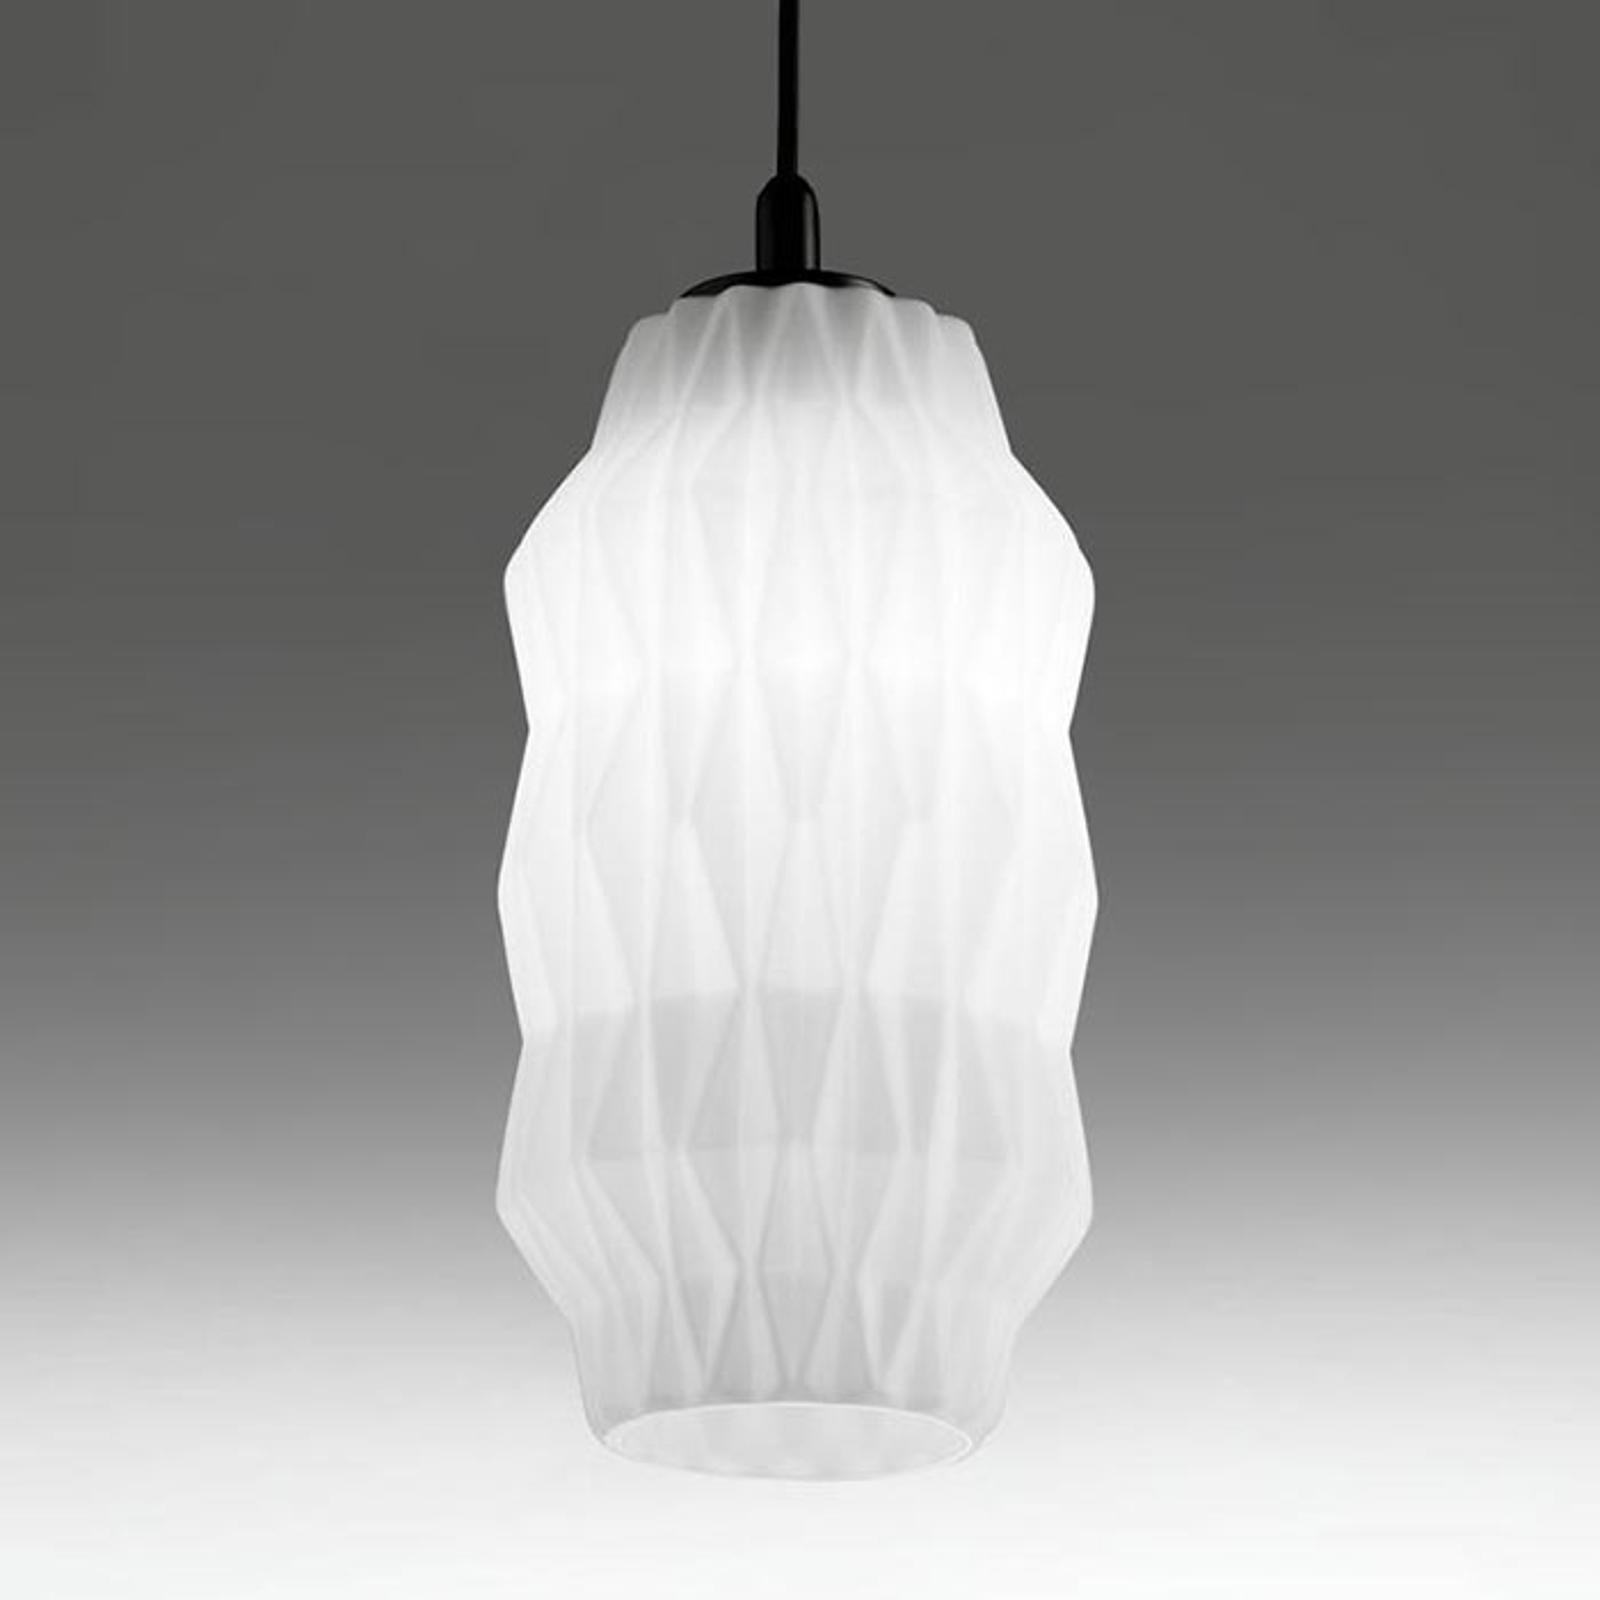 Élégante suspension en verre Origami blanche